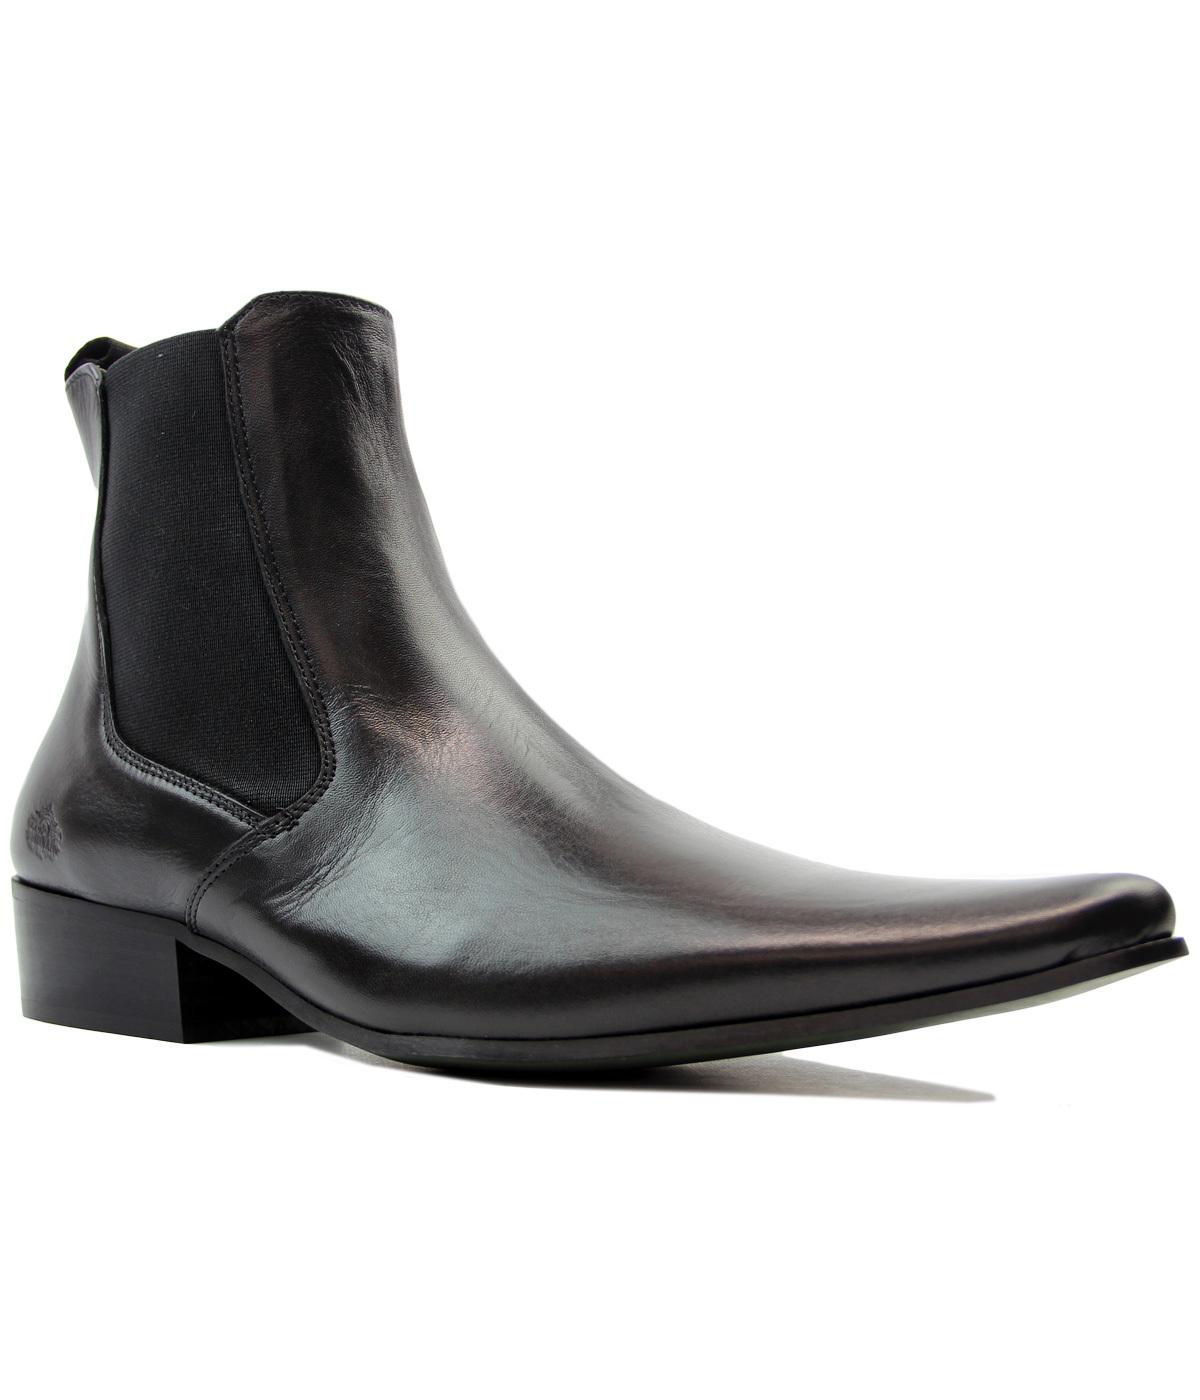 Revolver IKON ORIGINAL Cuban Heel Chelsea Boots